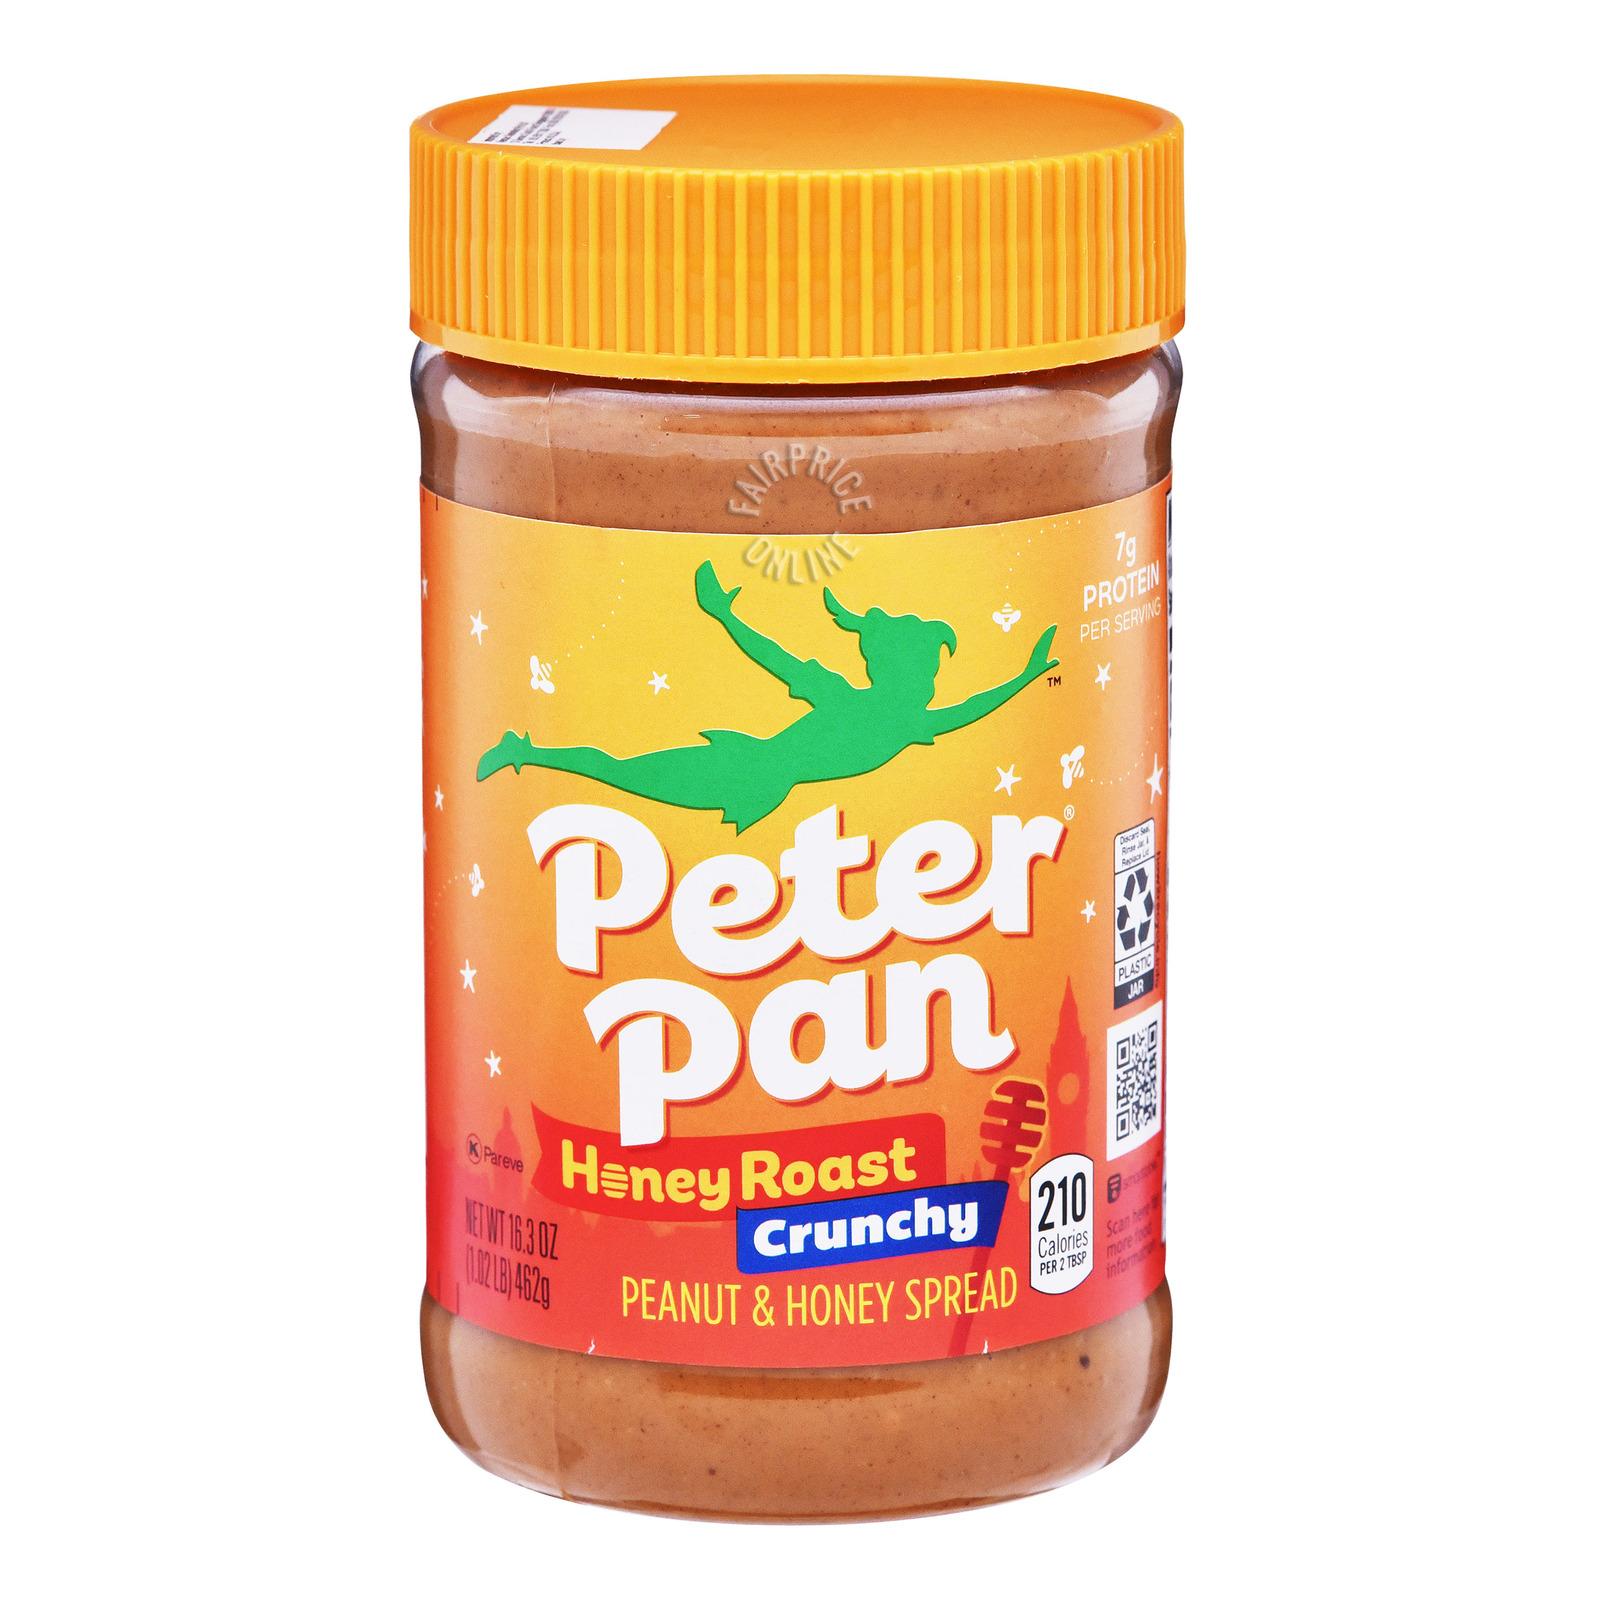 Peter Pan Crunchy Peanut Butter - Honey Roast